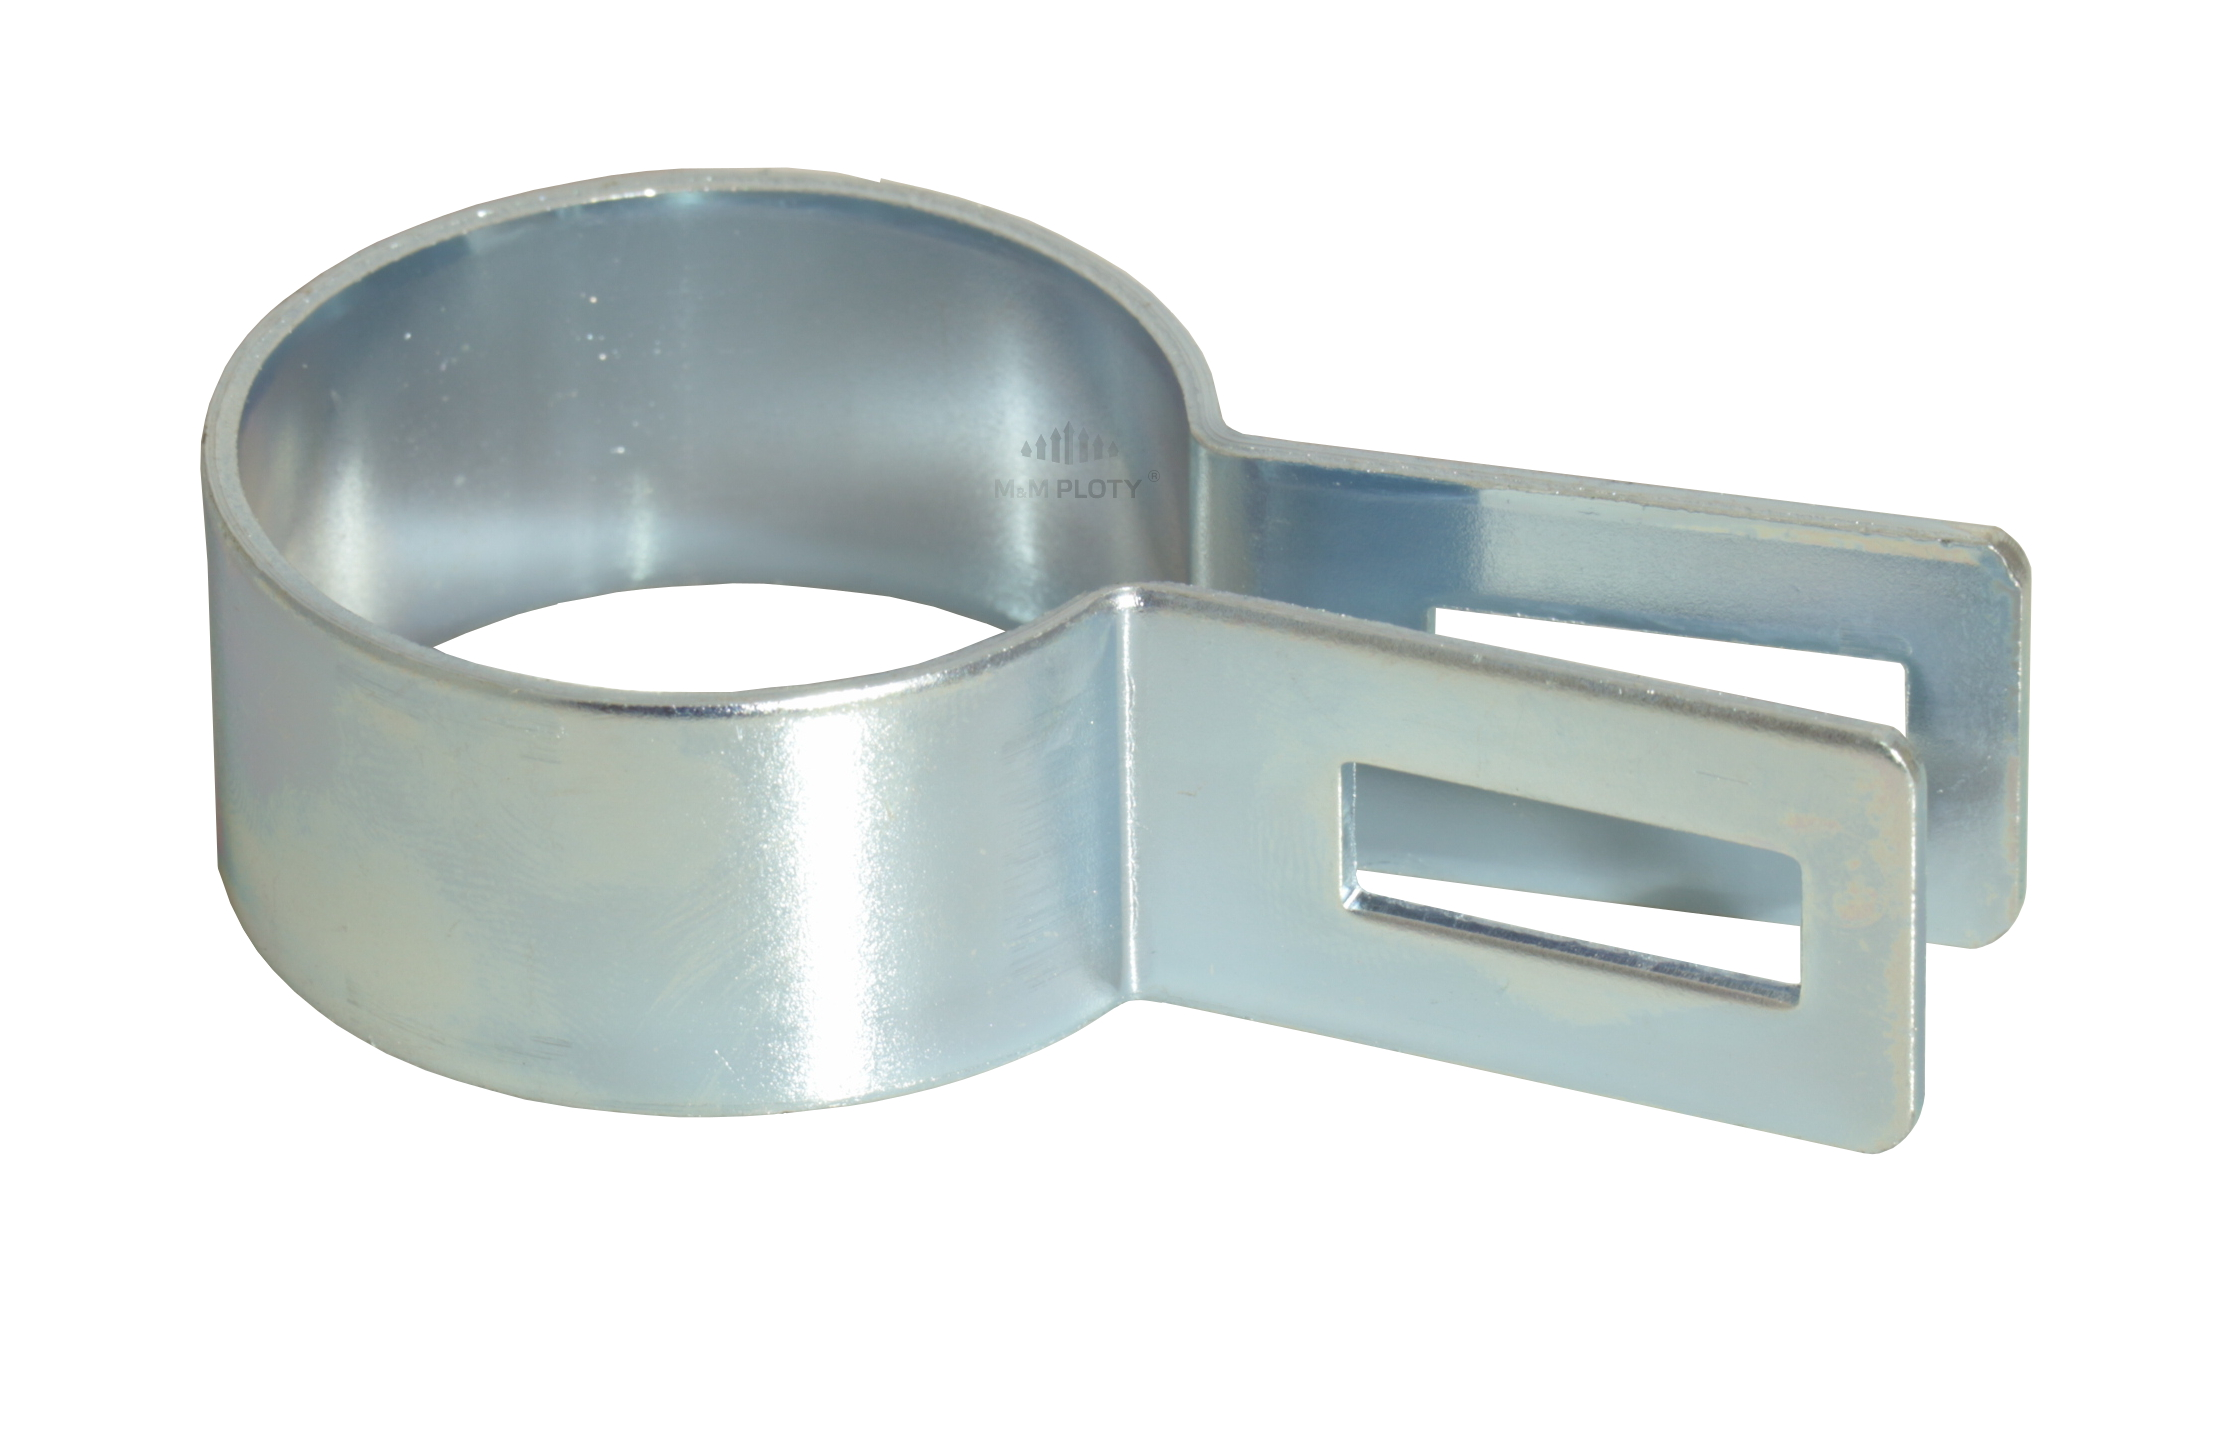 Objímka plotového panelu pro sloupek 48 mm, koncová, Zn